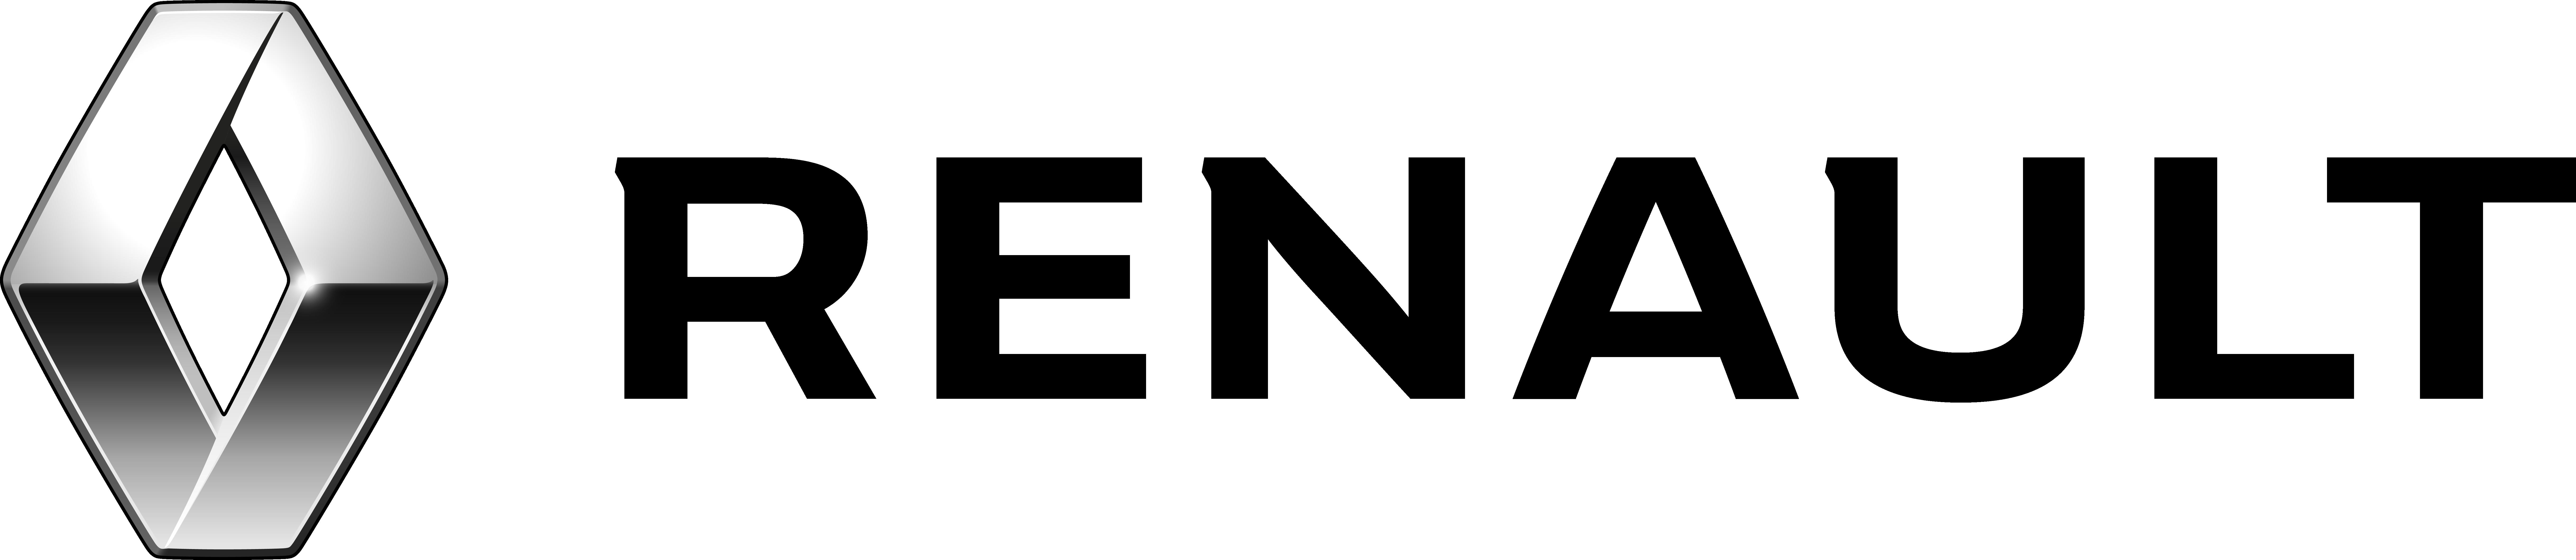 ВИХІД RENAULT ІЗ «FORMULA Е» ТА СПОРТИВНІ АМБІЦІЇ АЛЬЯНСУ